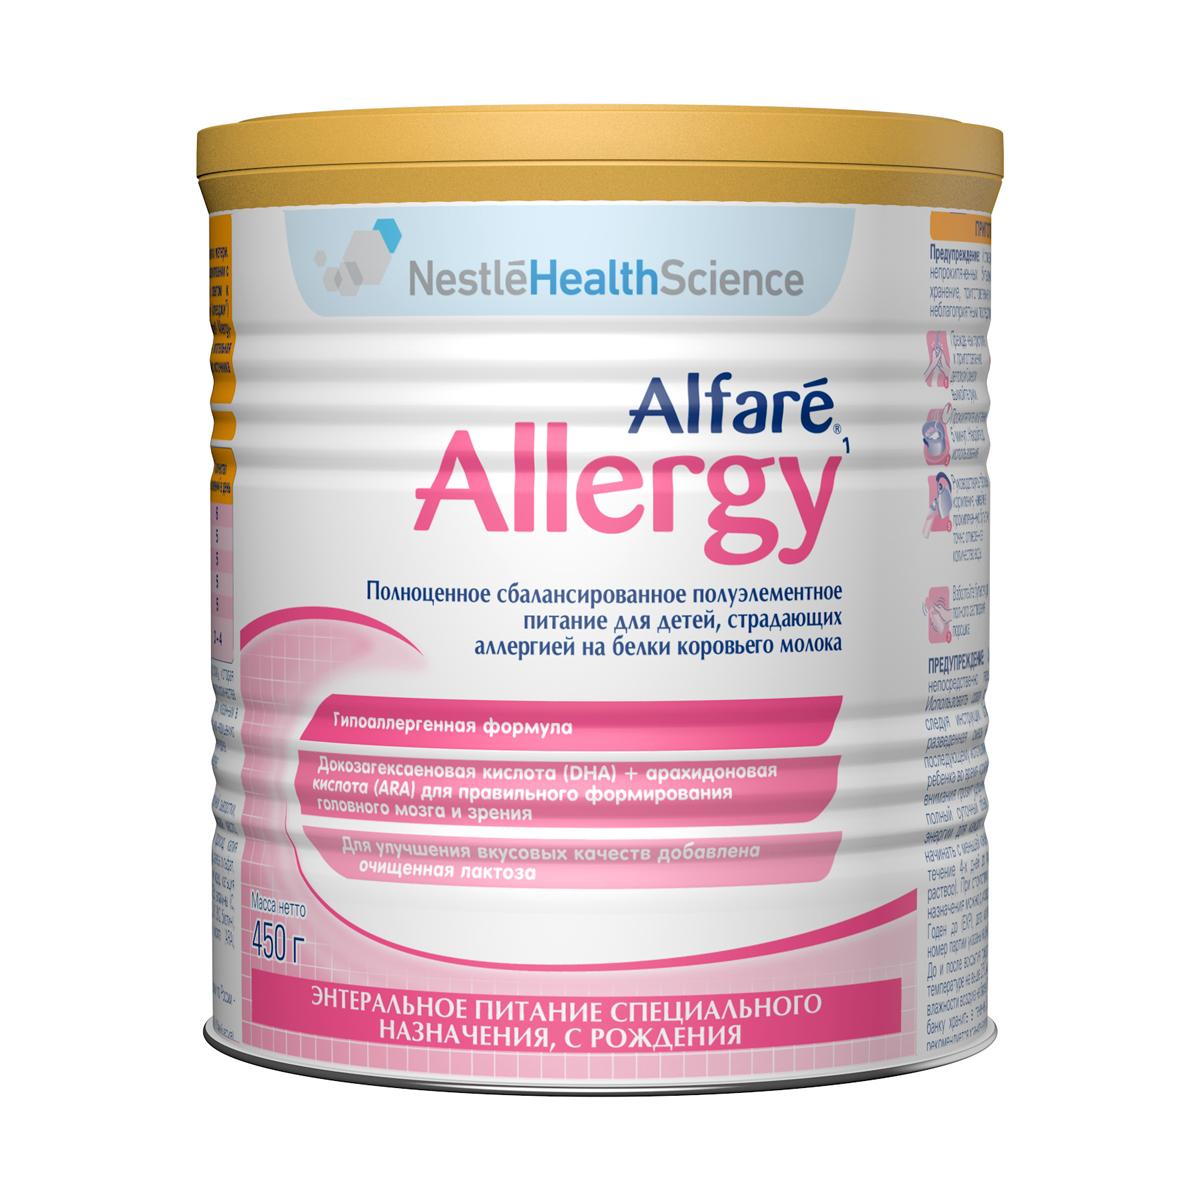 Фото препарата Алфаре Аллерджи питание для детей страдающих аллергией на белки коровьего молока 450г